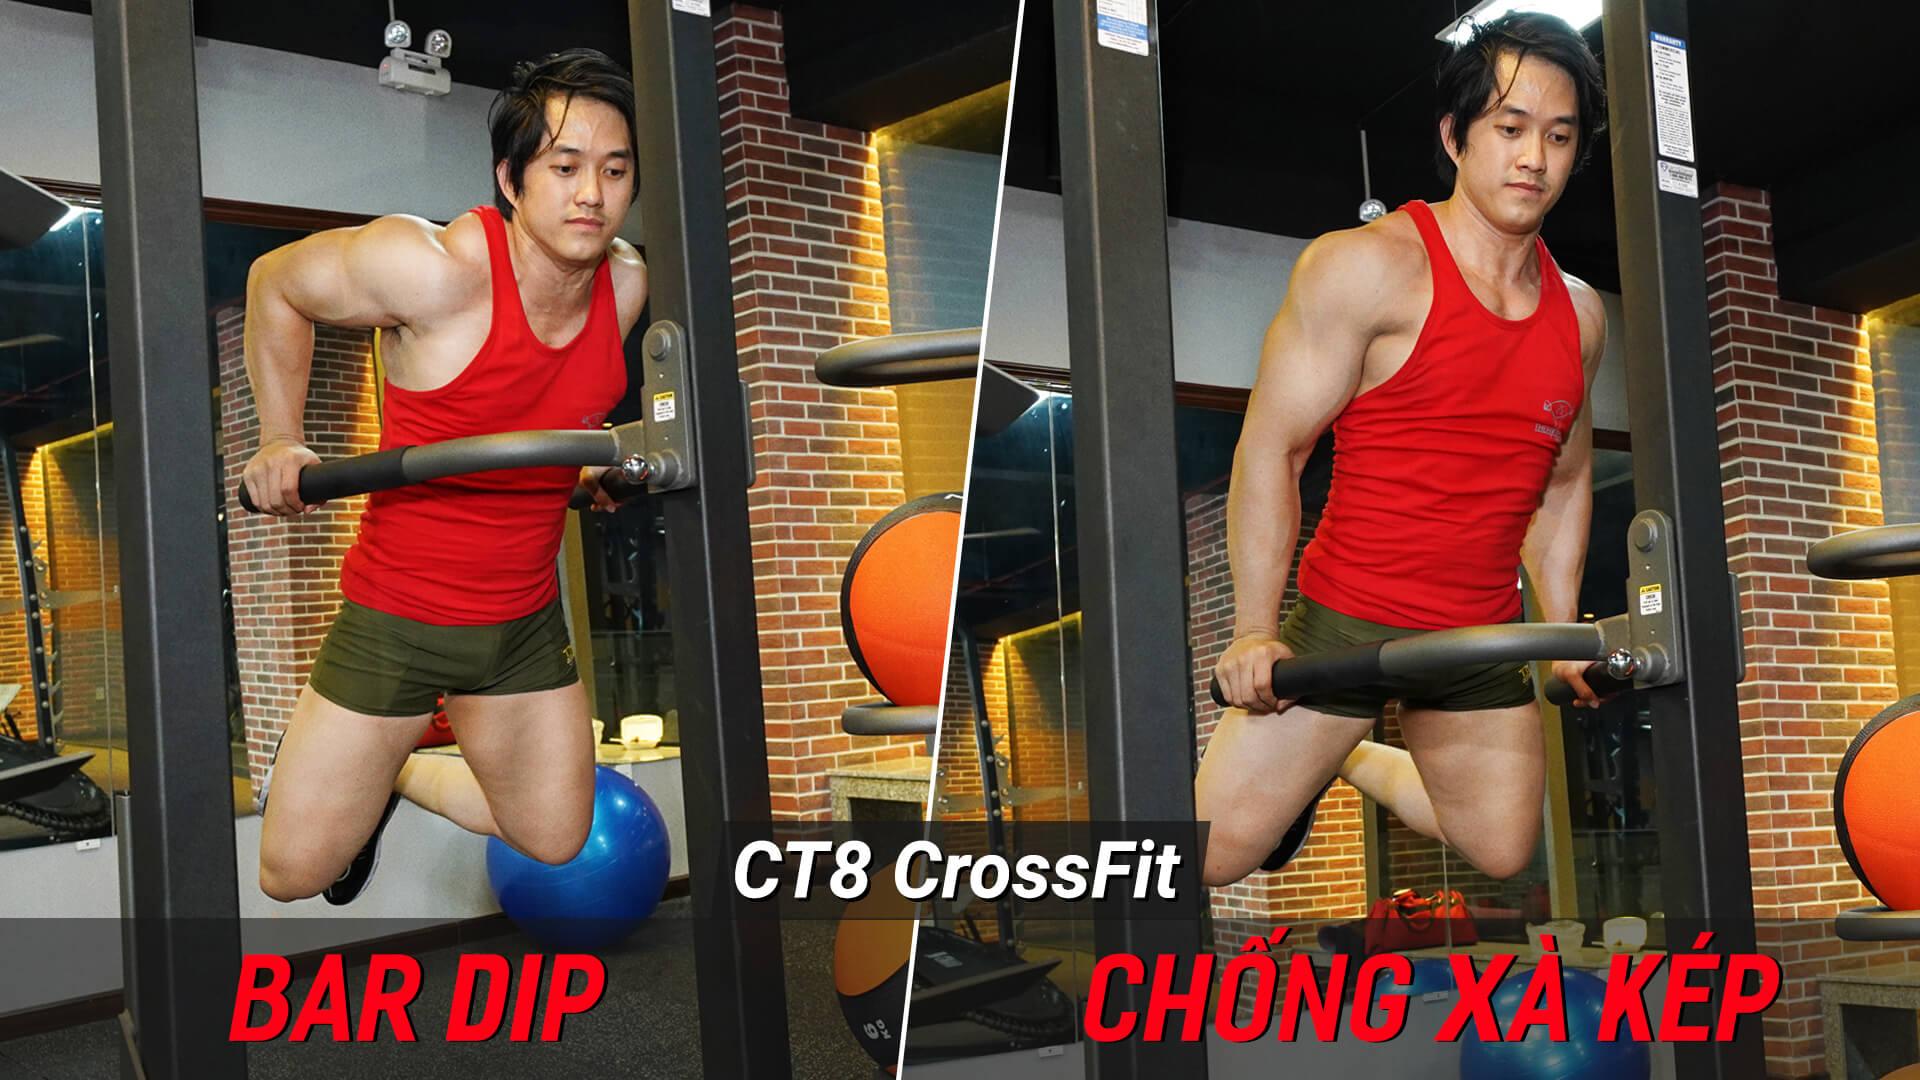 Bar Dip - Hướng dẫn chống xà kép tập ngực tay sau trên máy Crossfit CT8